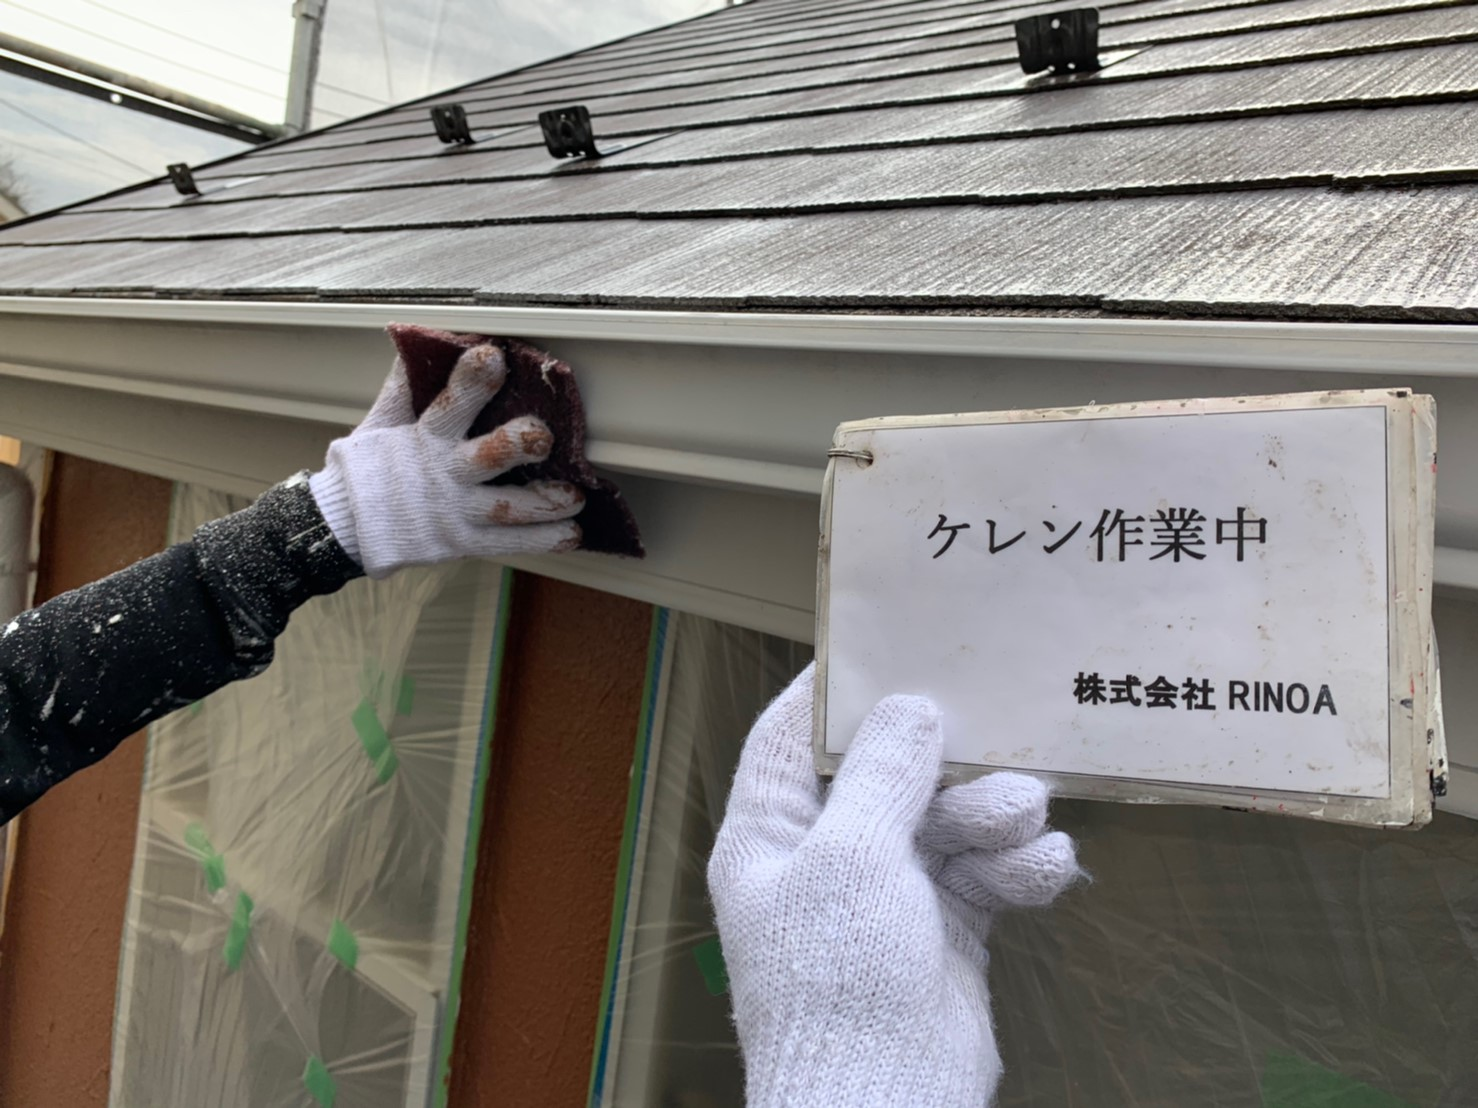 神奈川県 秦野市 外壁塗装工事 下地処理 ケレンがけの画像